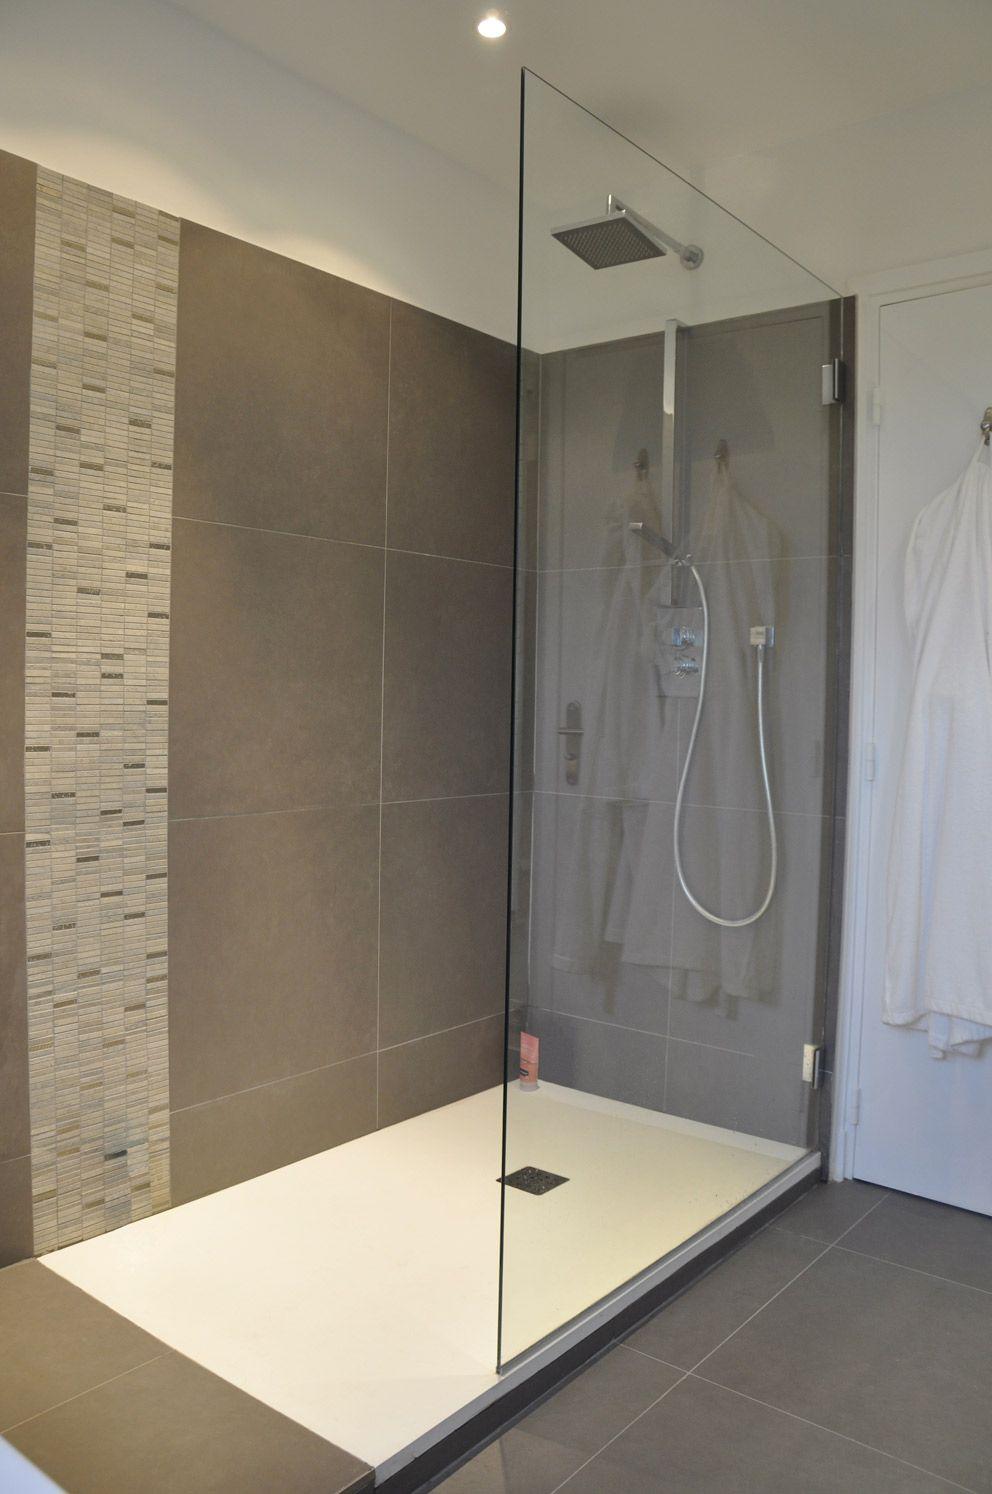 Rueil malmaison architecte d 39 int rieur agence d 39 un lieu l 39 autre salles de bains en 2019 - Architecte rueil malmaison ...